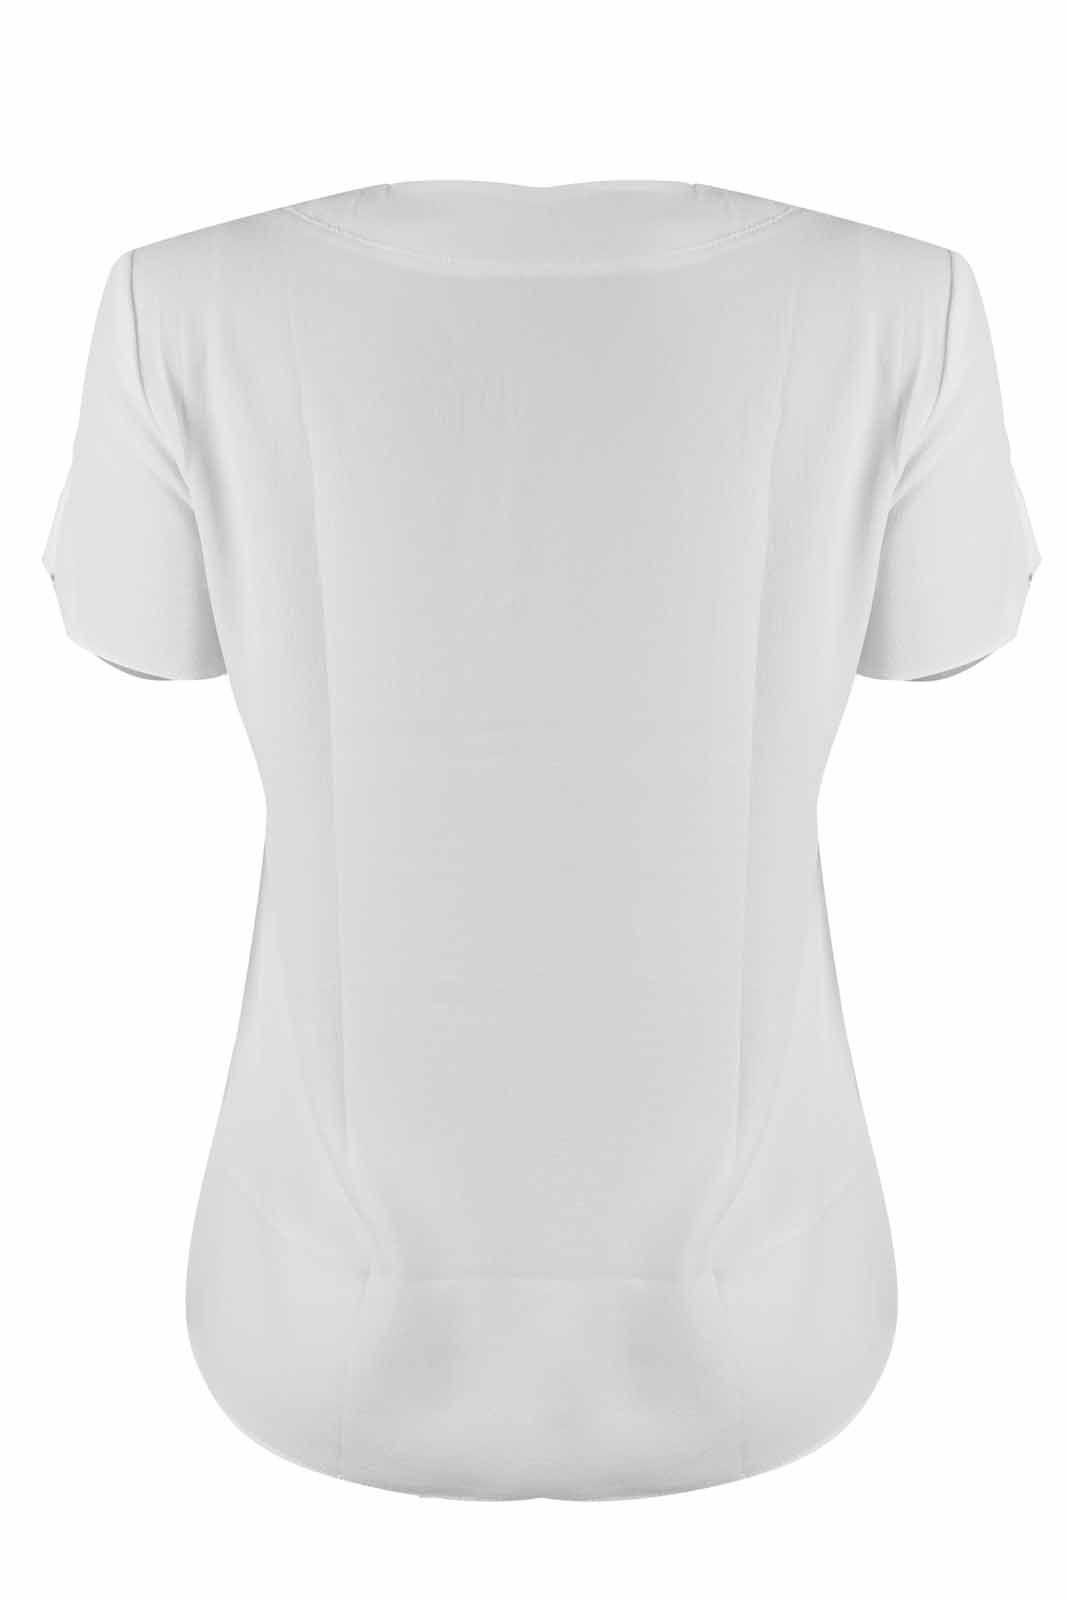 Blusa OutletDri Crepe Gola Padre Manga Curta Detalhe 5 Botões Frontais Branco